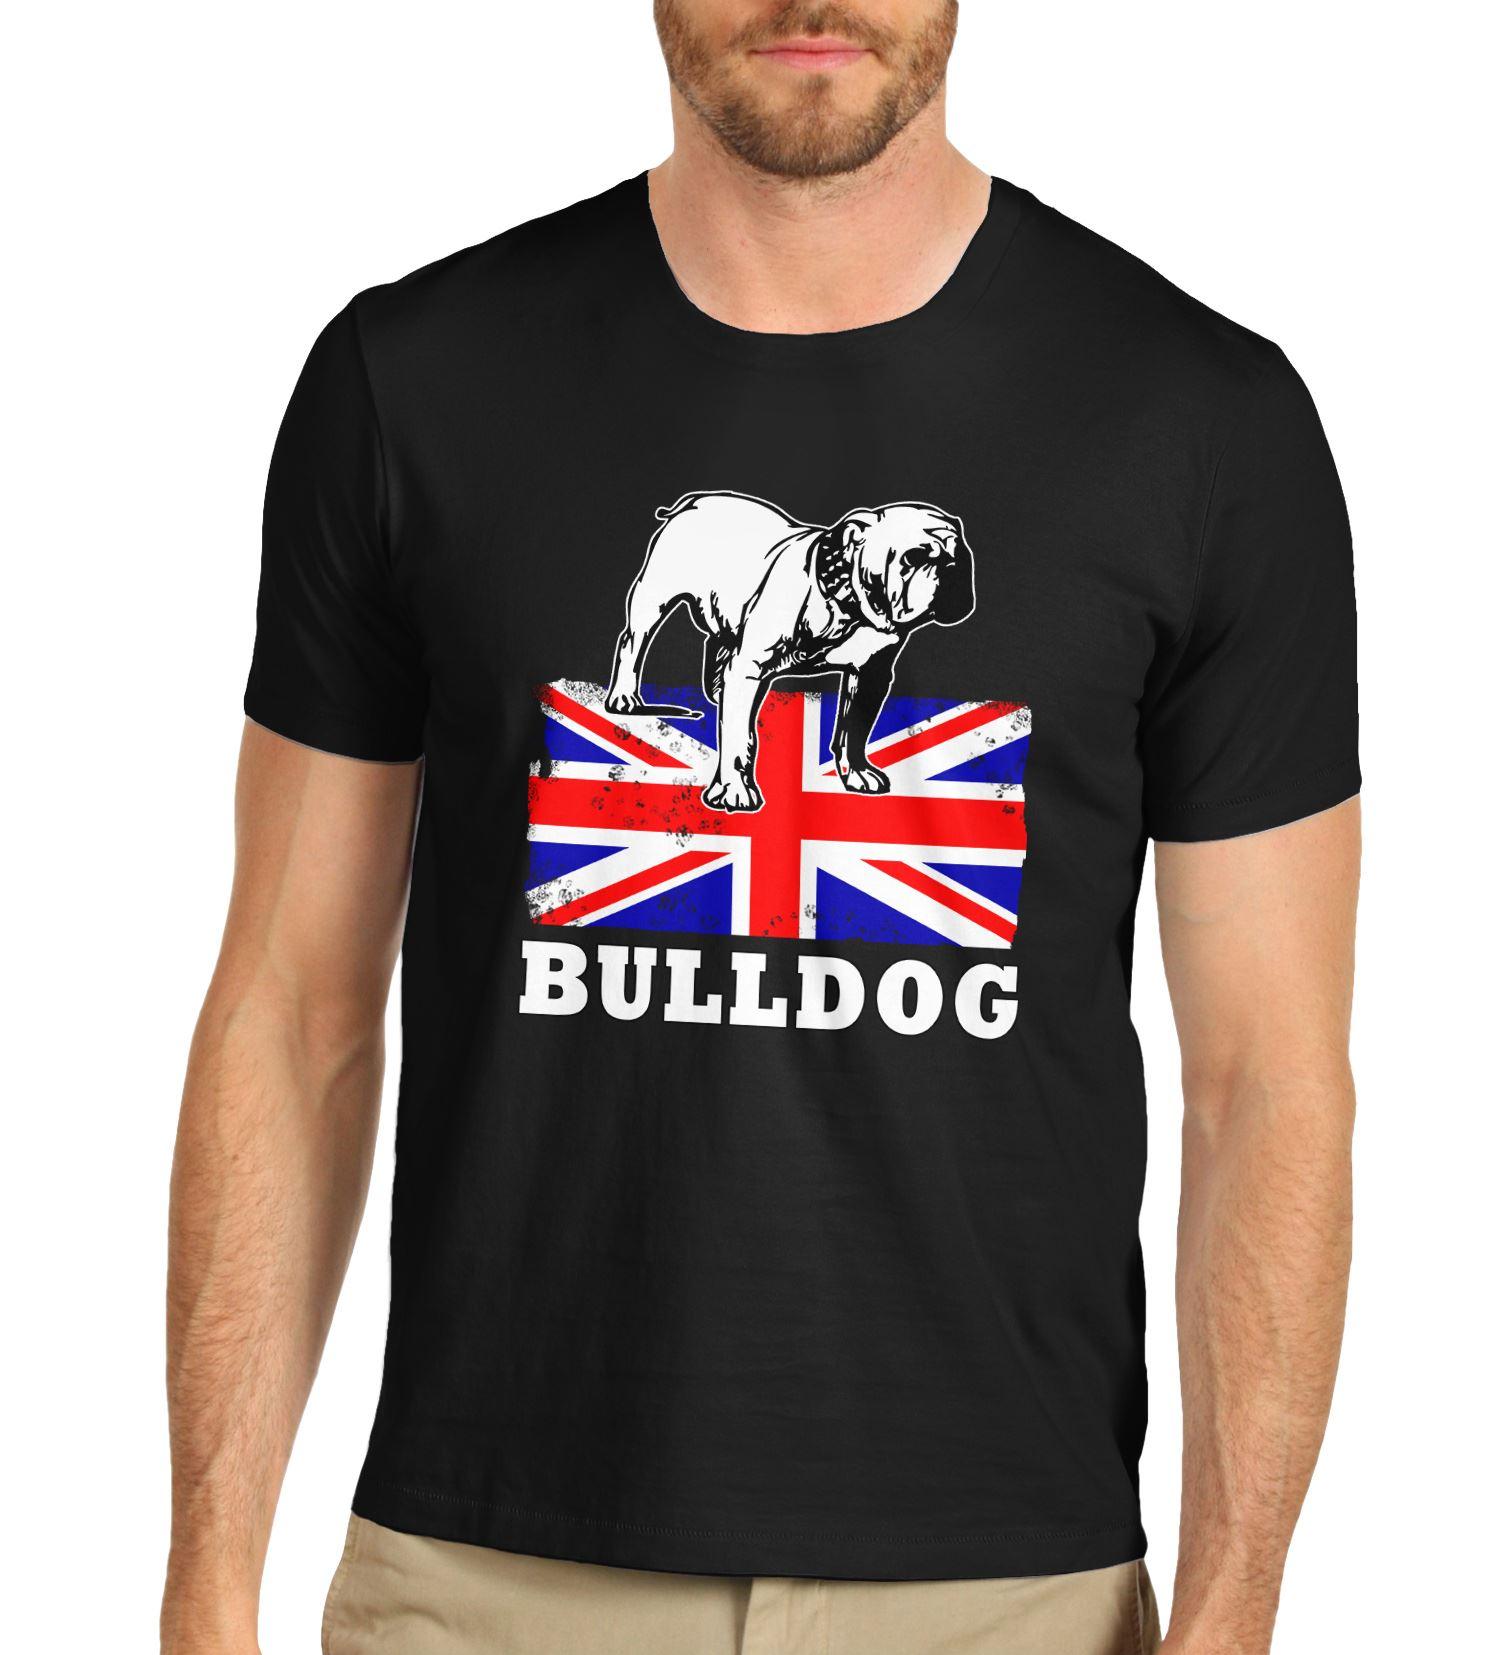 Camiseta de Bulldog británico con bandera de Union Jack para hombre, camiseta Cool Casual pride, camiseta Unisex para hombre, nueva camiseta de moda, camiseta de tamaño grande, ajax